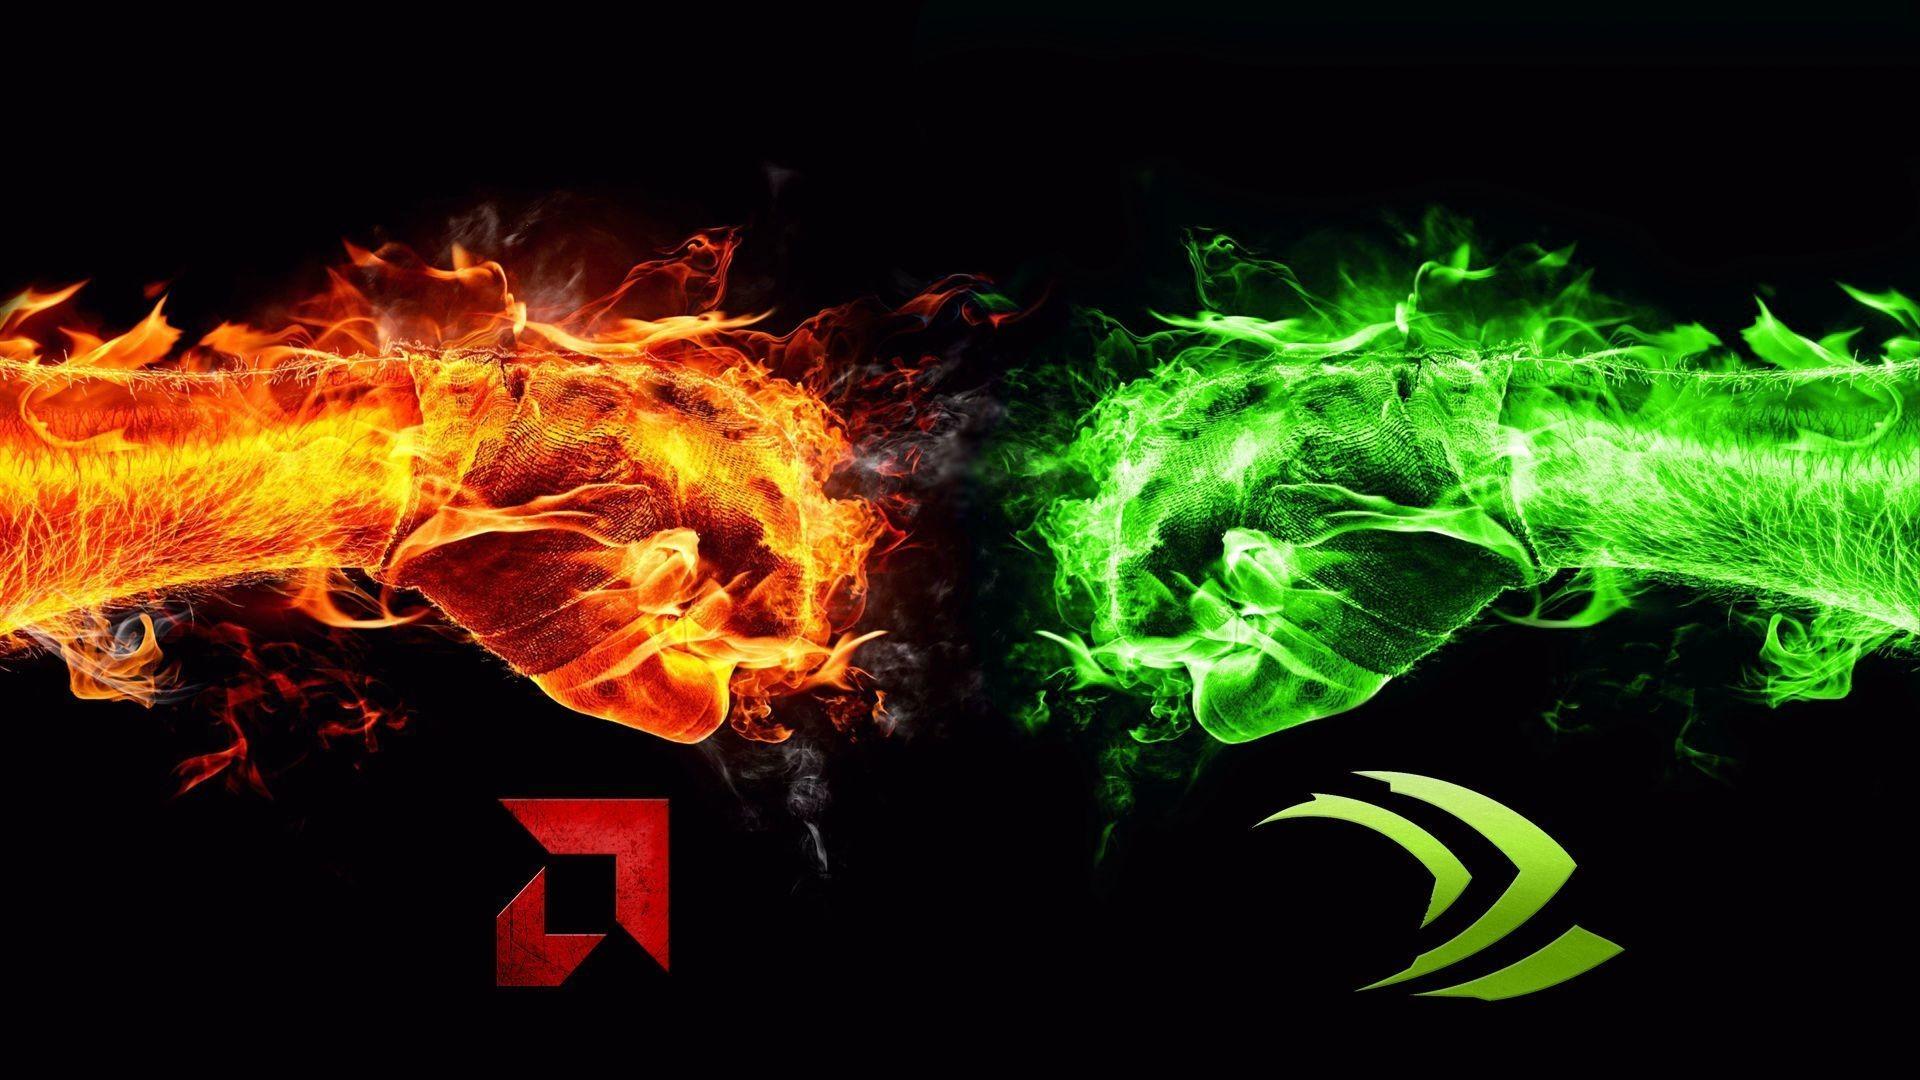 Nvidia VS AMD Wallpaper I made : pcmasterrace